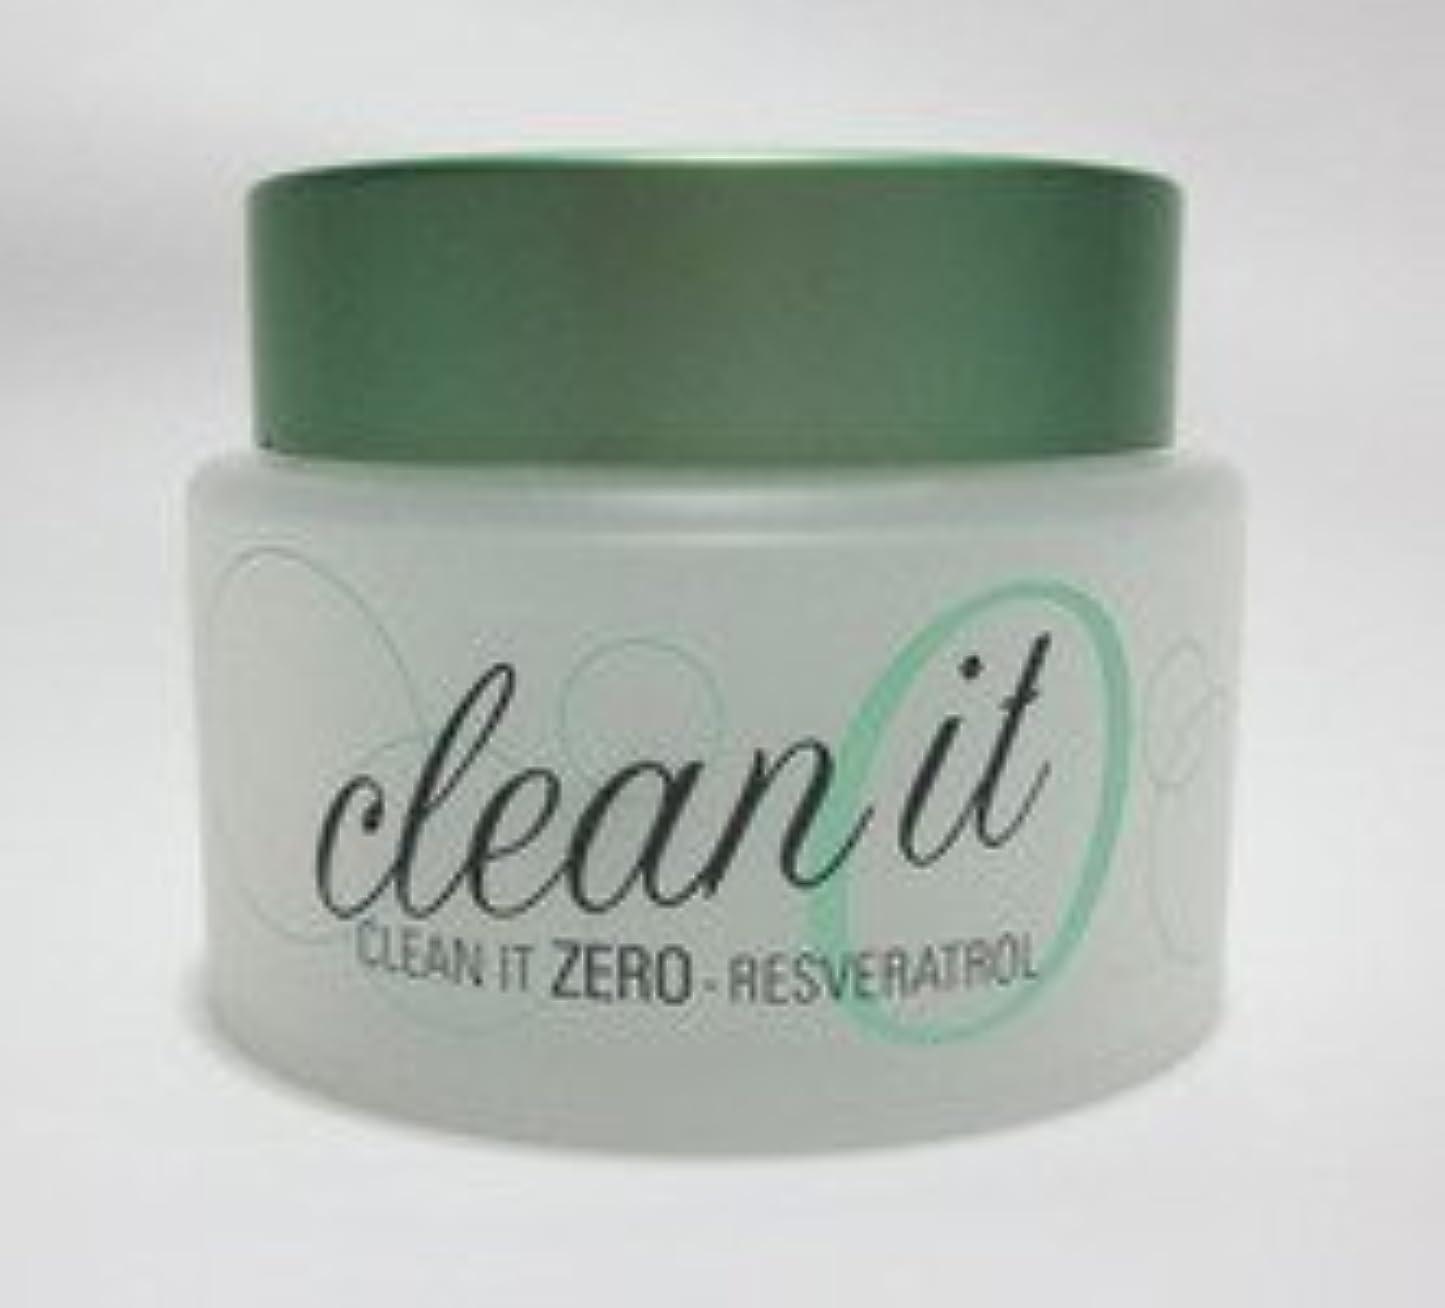 クレア防止生理banila co. バニラコ クリーン イット ゼロ レスベラトロール clean it zero RESVERATROL